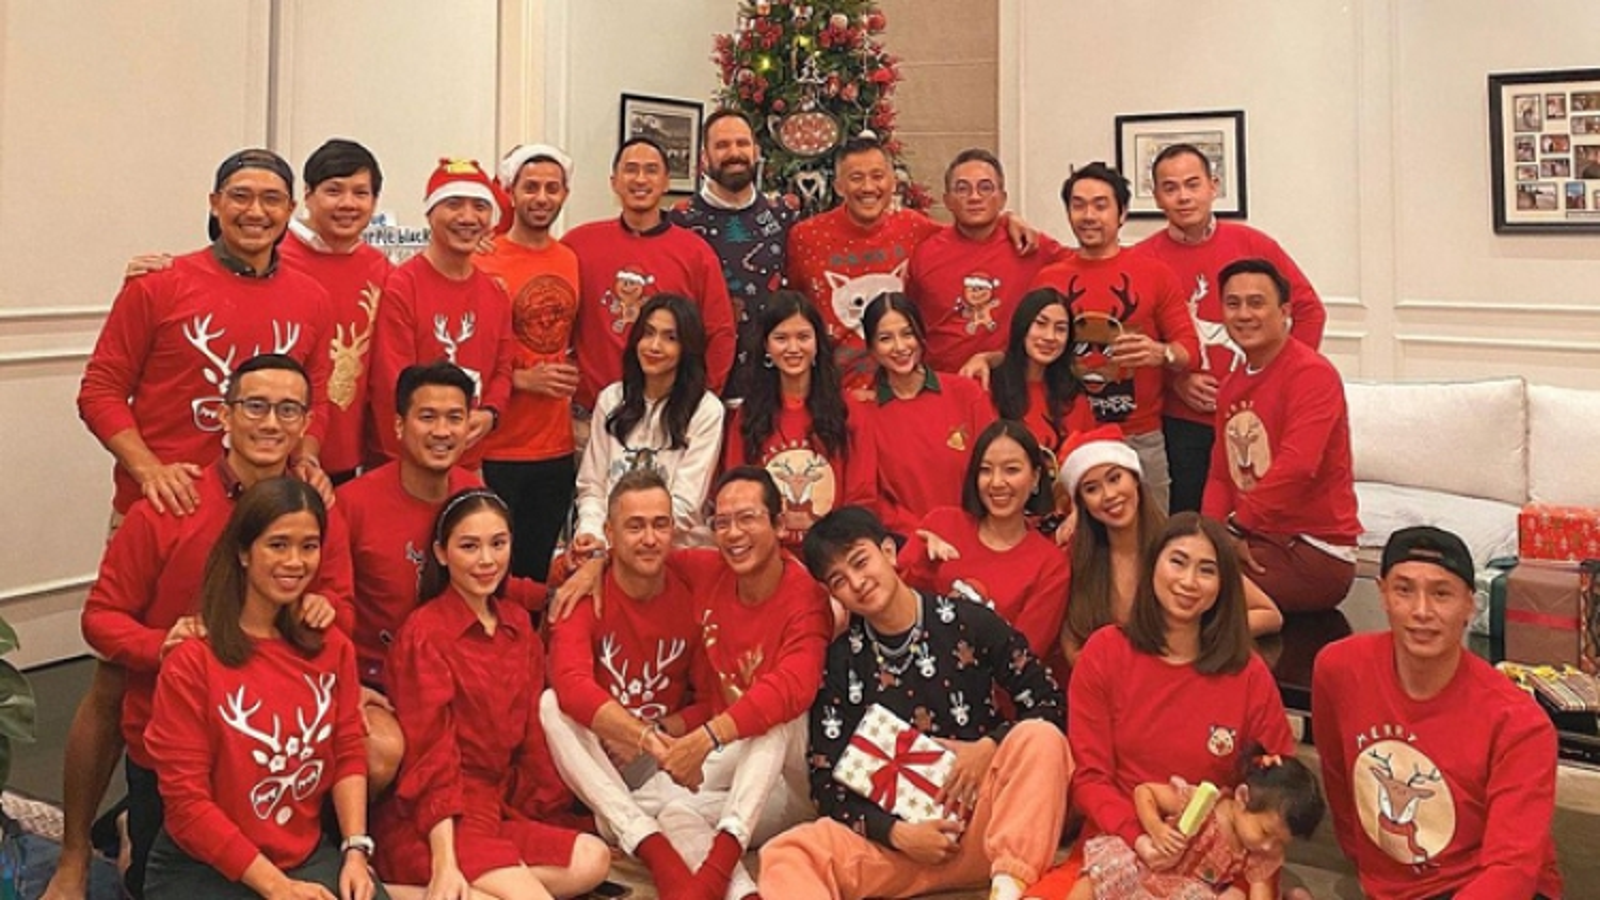 Chuyện showbiz: Tăng Thanh Hà đón tiệc Giáng sinh ấm áp bên người thân và bạn bè